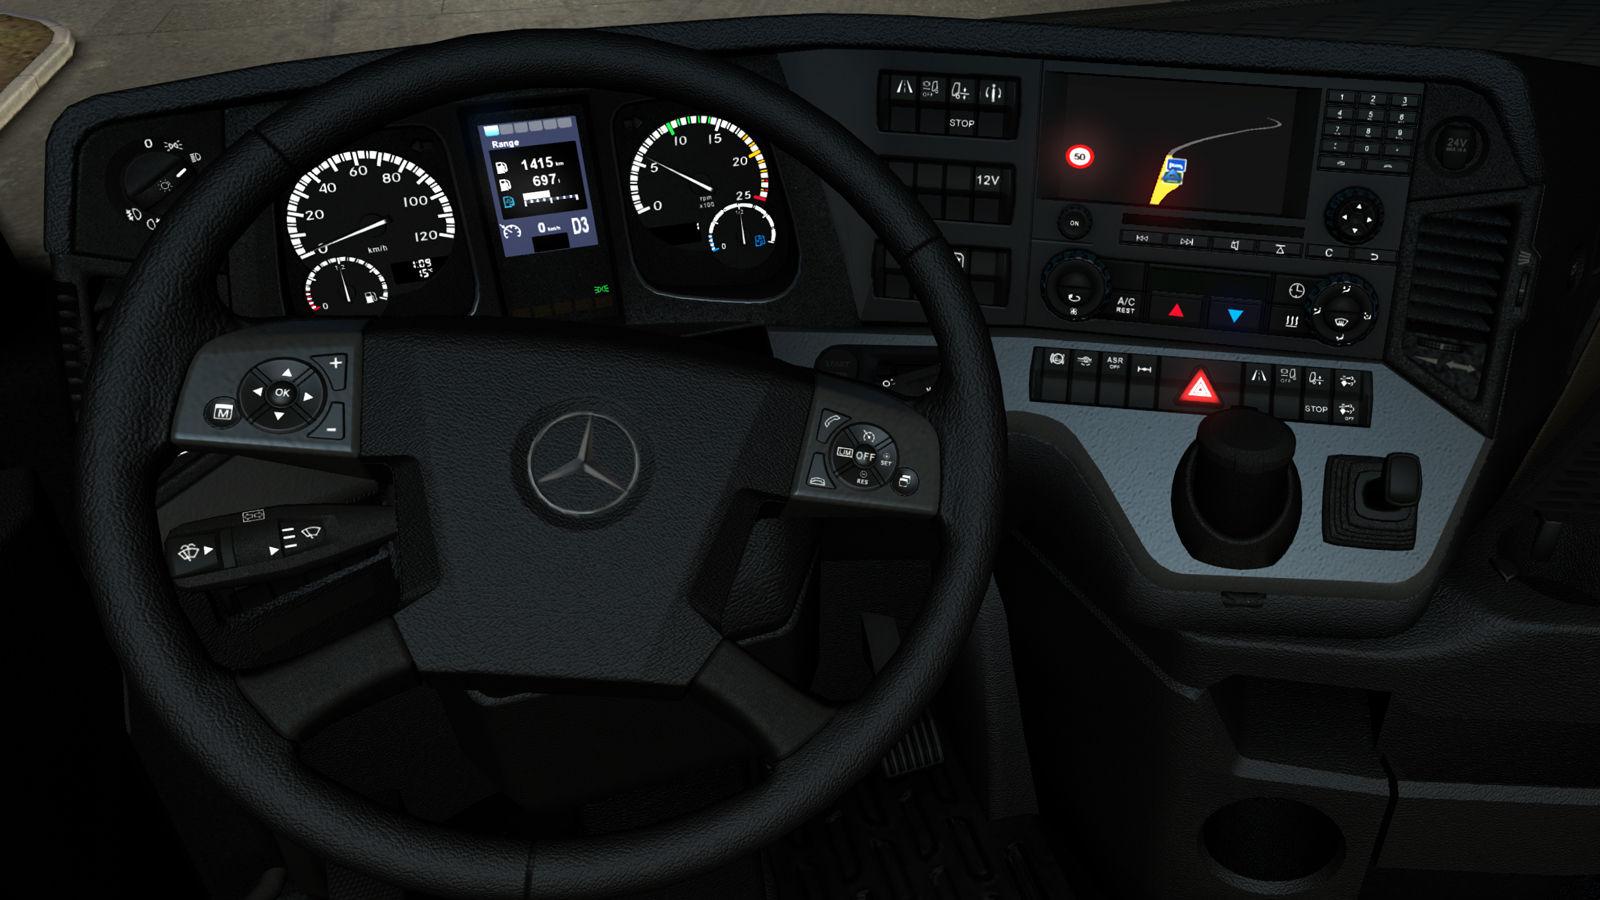 euro truck simulator 2 torrentten indir zamunda